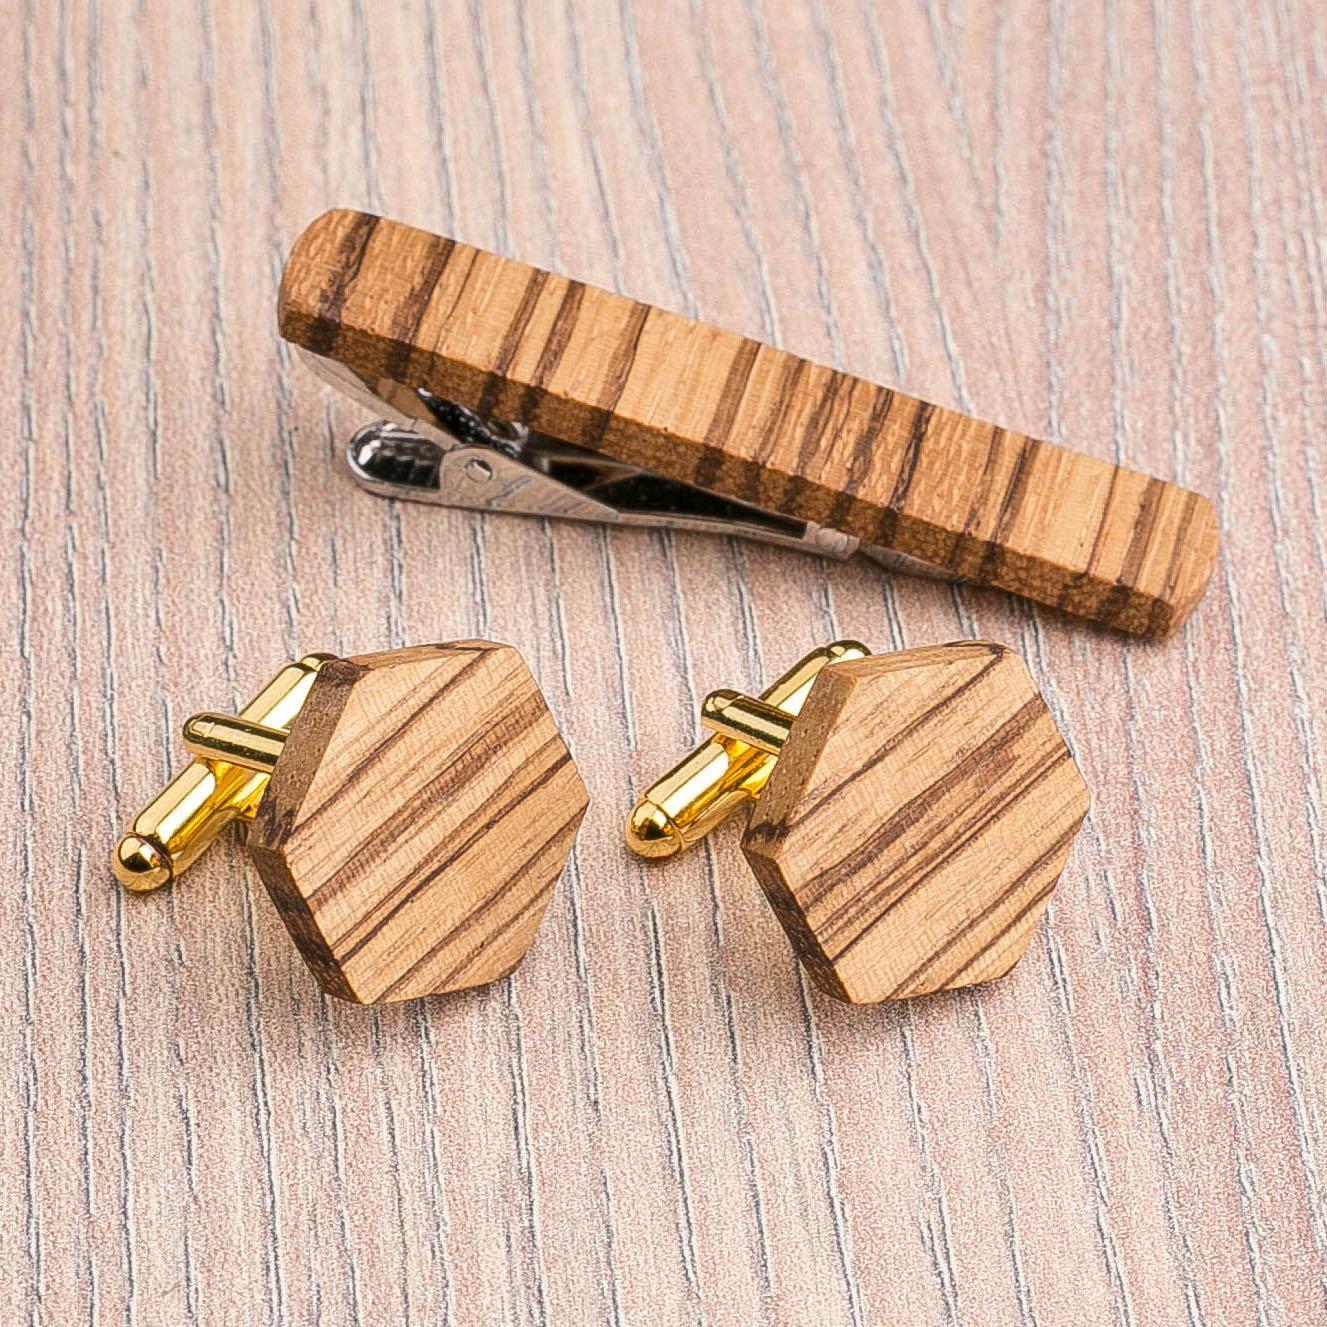 Комплект: Шестигранные запонки из дерева и Деревянный зажим для галстука. Массив зебрано. Гравировка инициалов. Упаковка в комплекте CufflinksSet-OctagonZebranoV